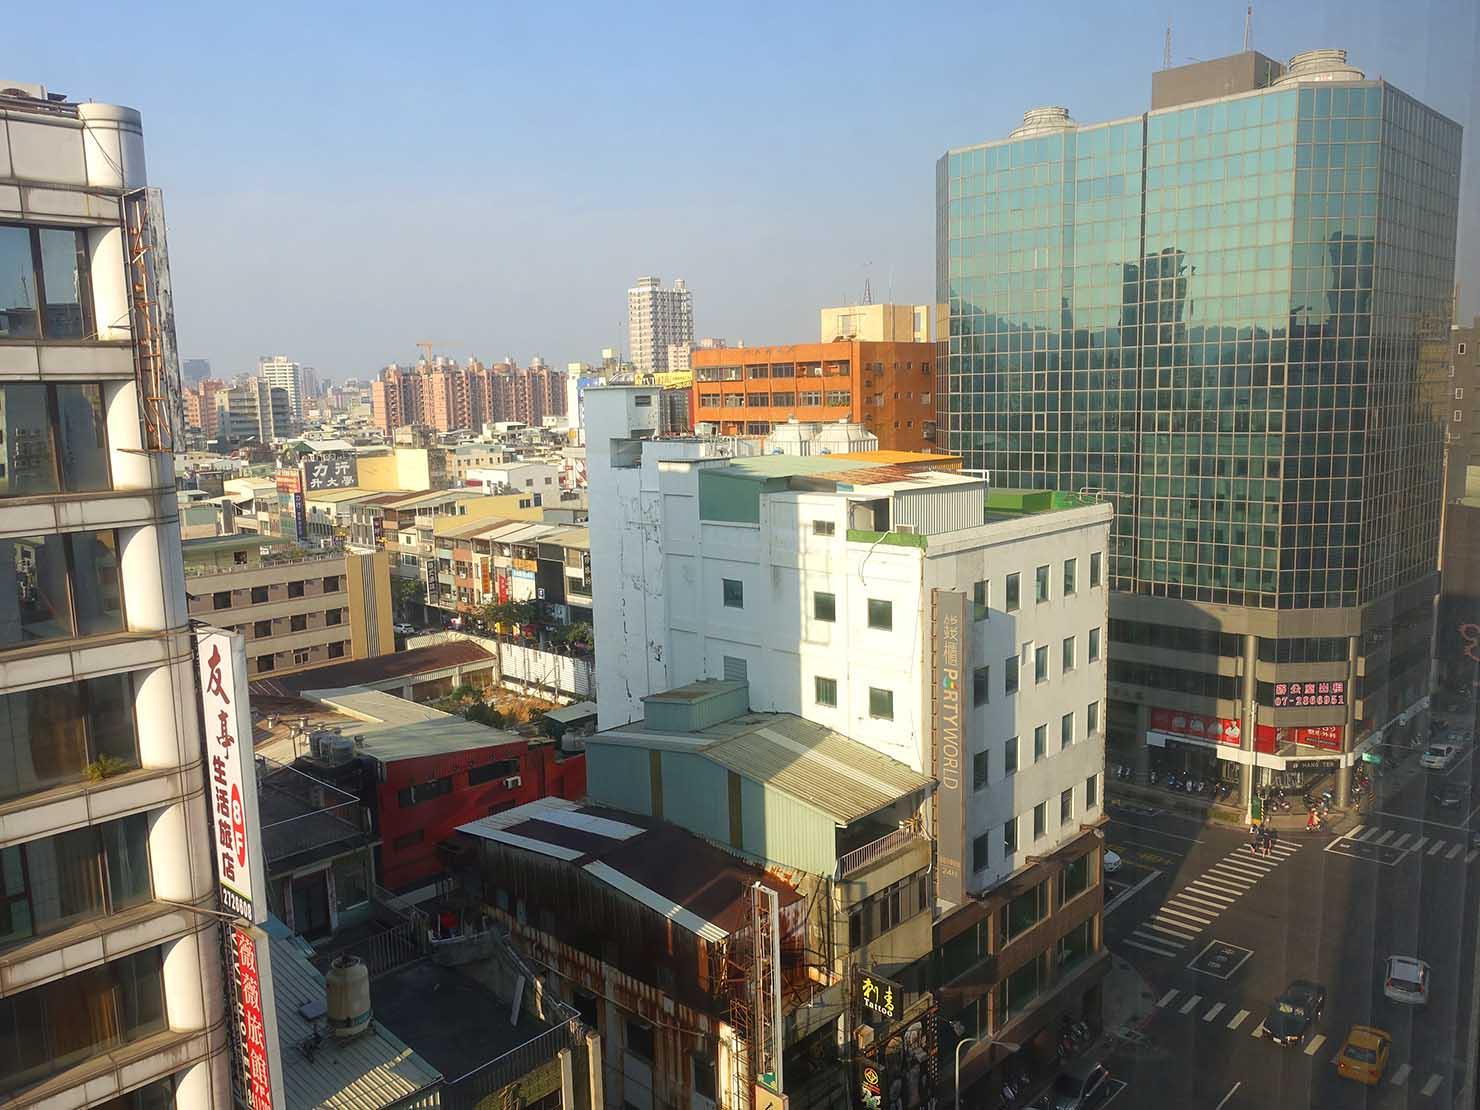 高雄市内観光におすすめのホテル「GREET INN 喜迎旅店」の豪華雙人房(デラックスダブル)からの眺め